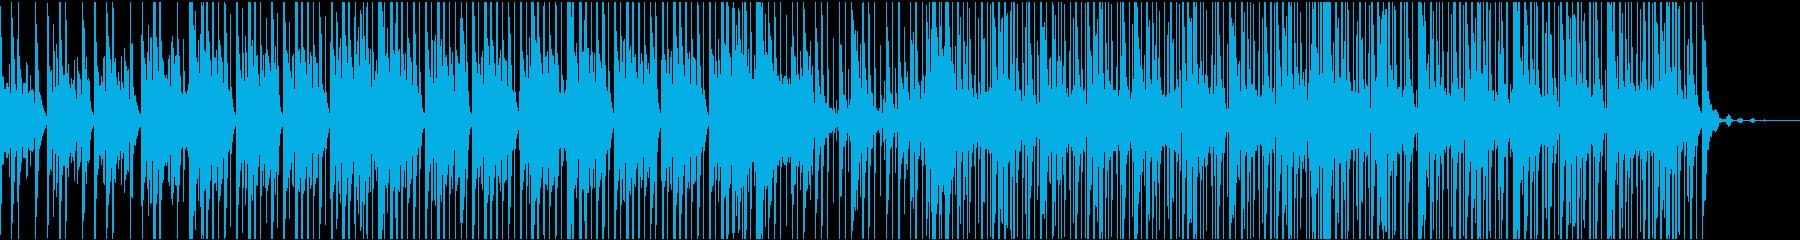 ワールド 民族 ポップ ロック ア...の再生済みの波形